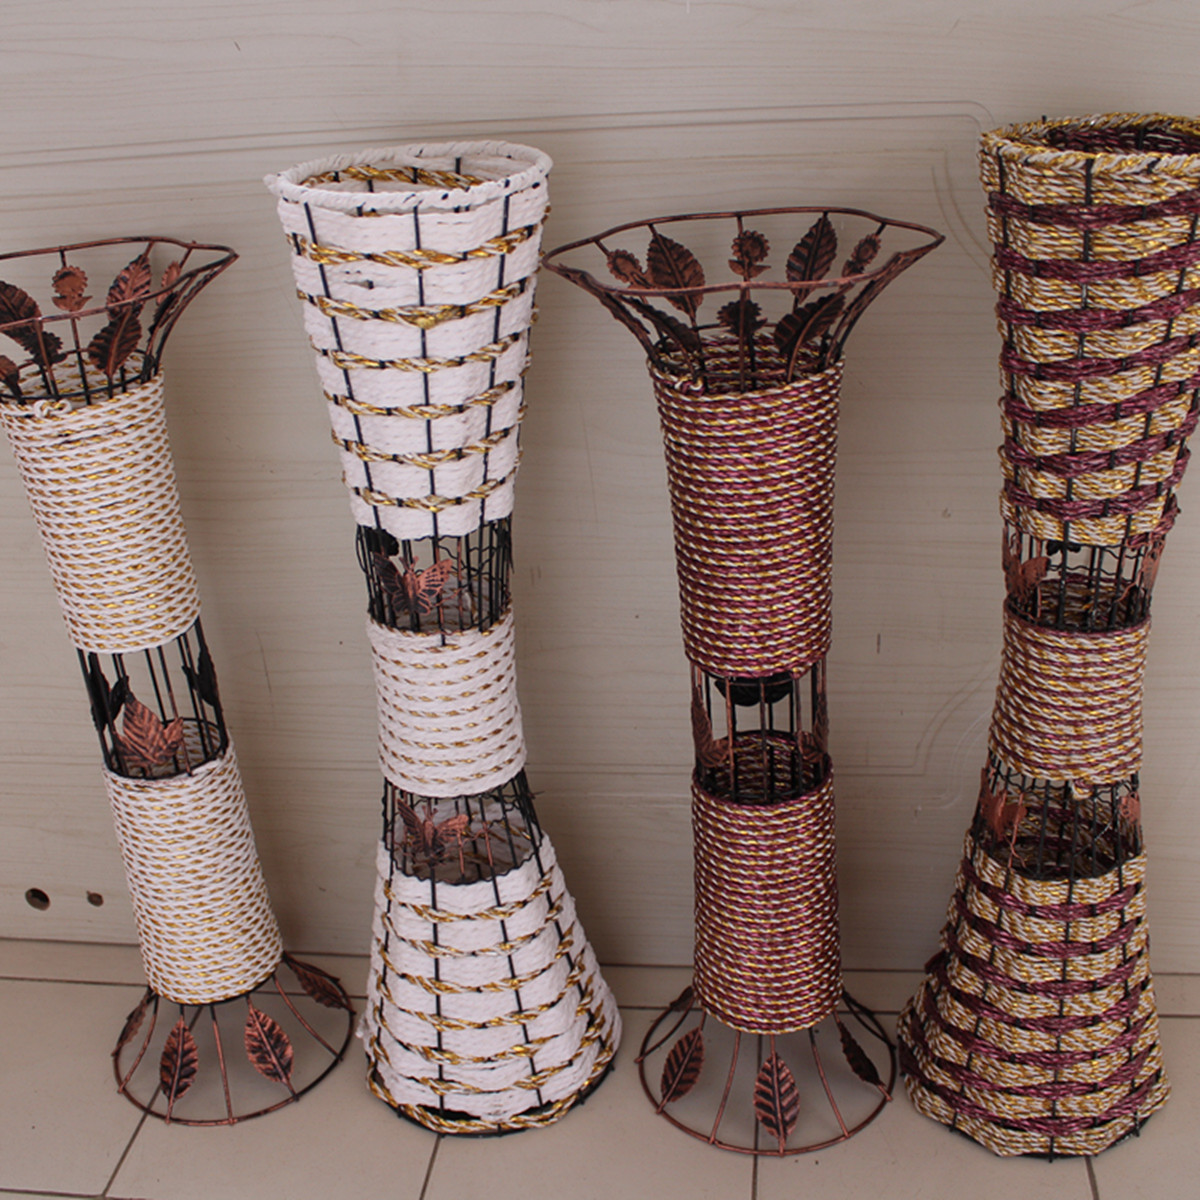 Bamboo Handmade Rustic Rattan Countertop Desktop Dried